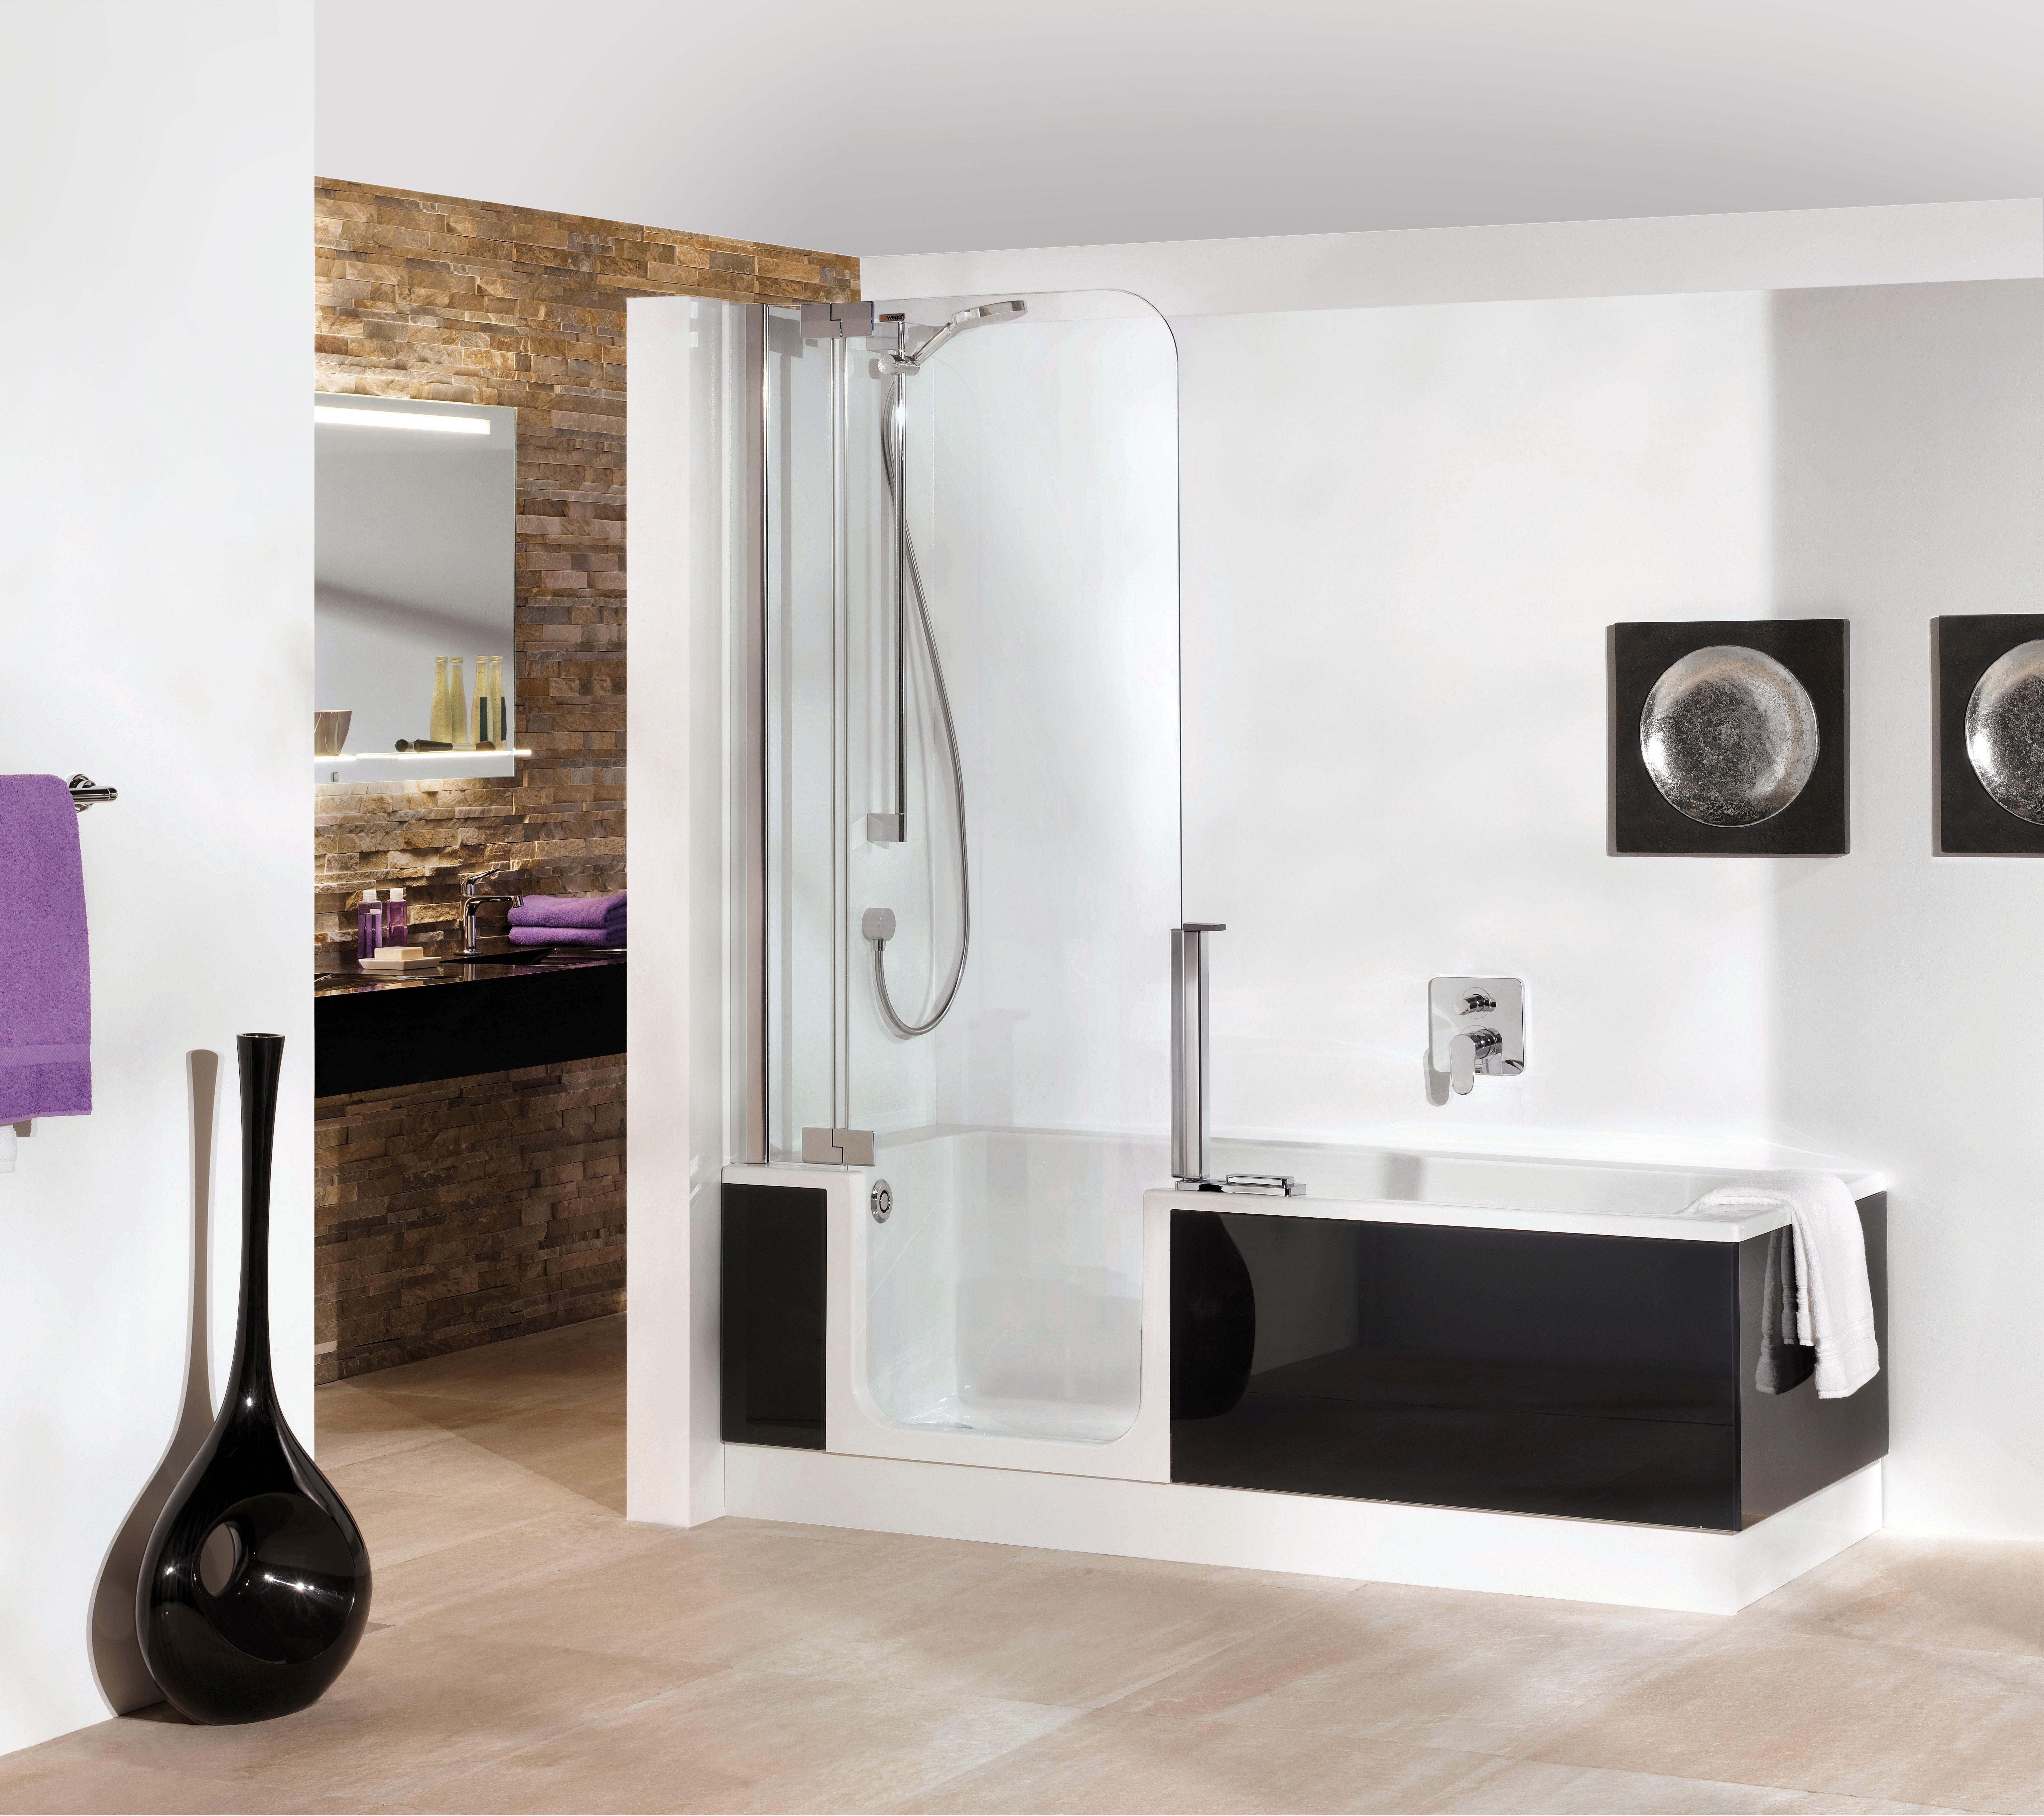 artweger twinline 2 dusch badewanne 180 x 80 cm mit t r und glasfront kombiwanne ebay. Black Bedroom Furniture Sets. Home Design Ideas